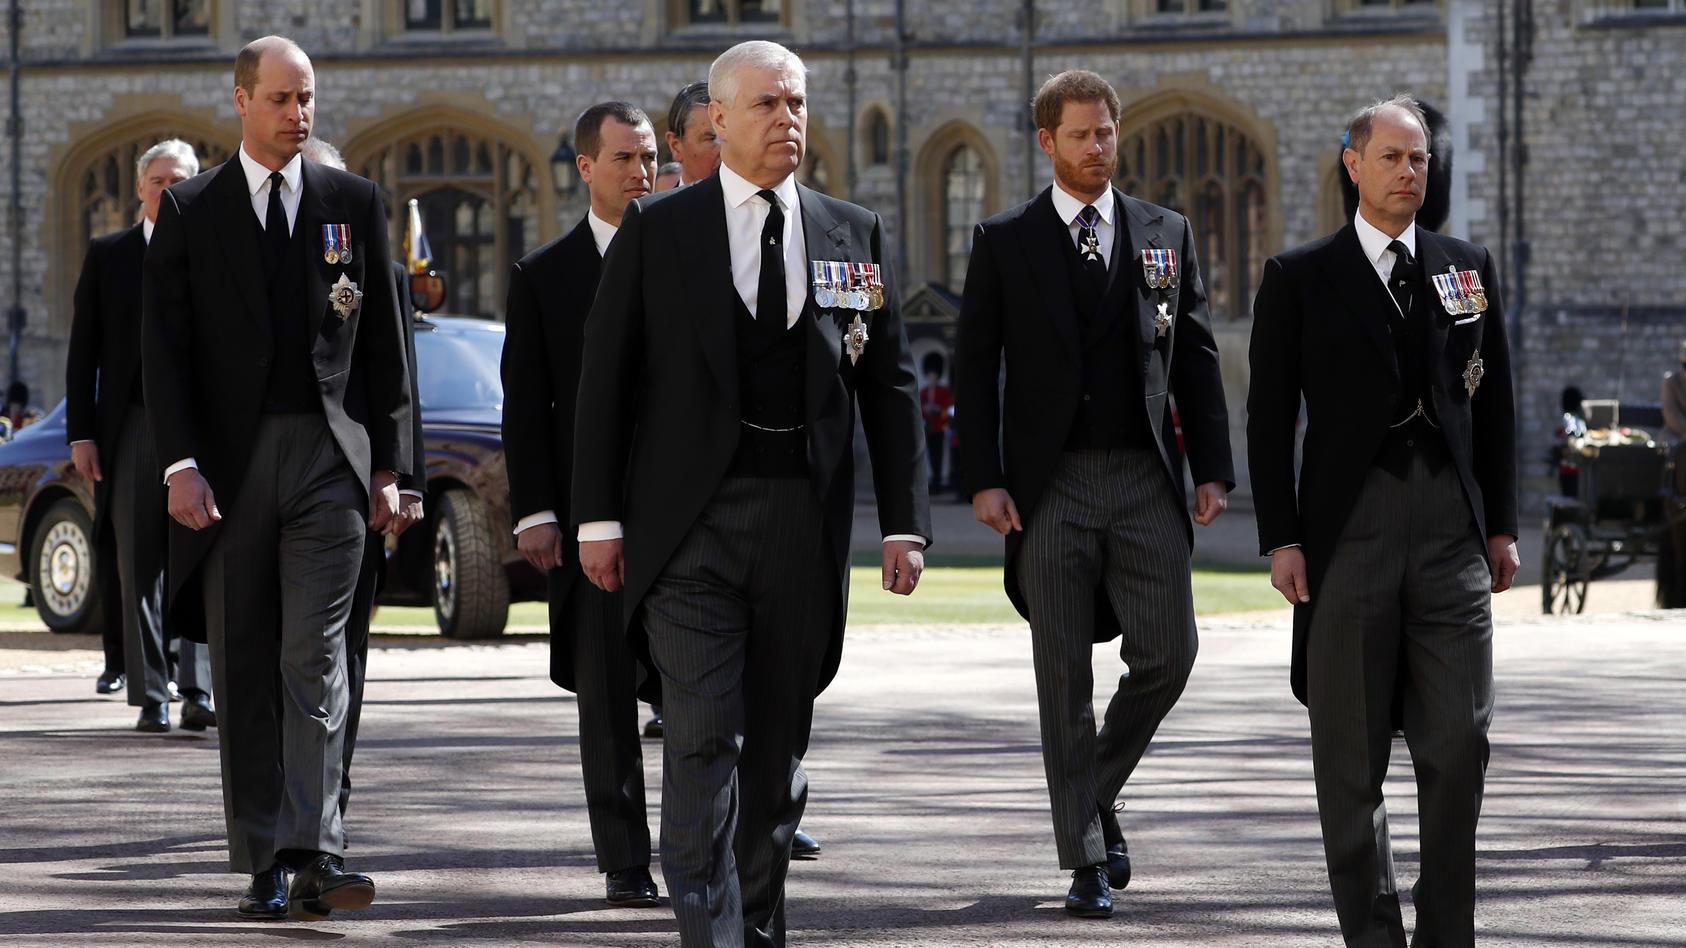 Emotionaler Moment: Prinz William und Prinz Harry gehen gemeinsam hinter dem Sarg ihres Großvaters her.